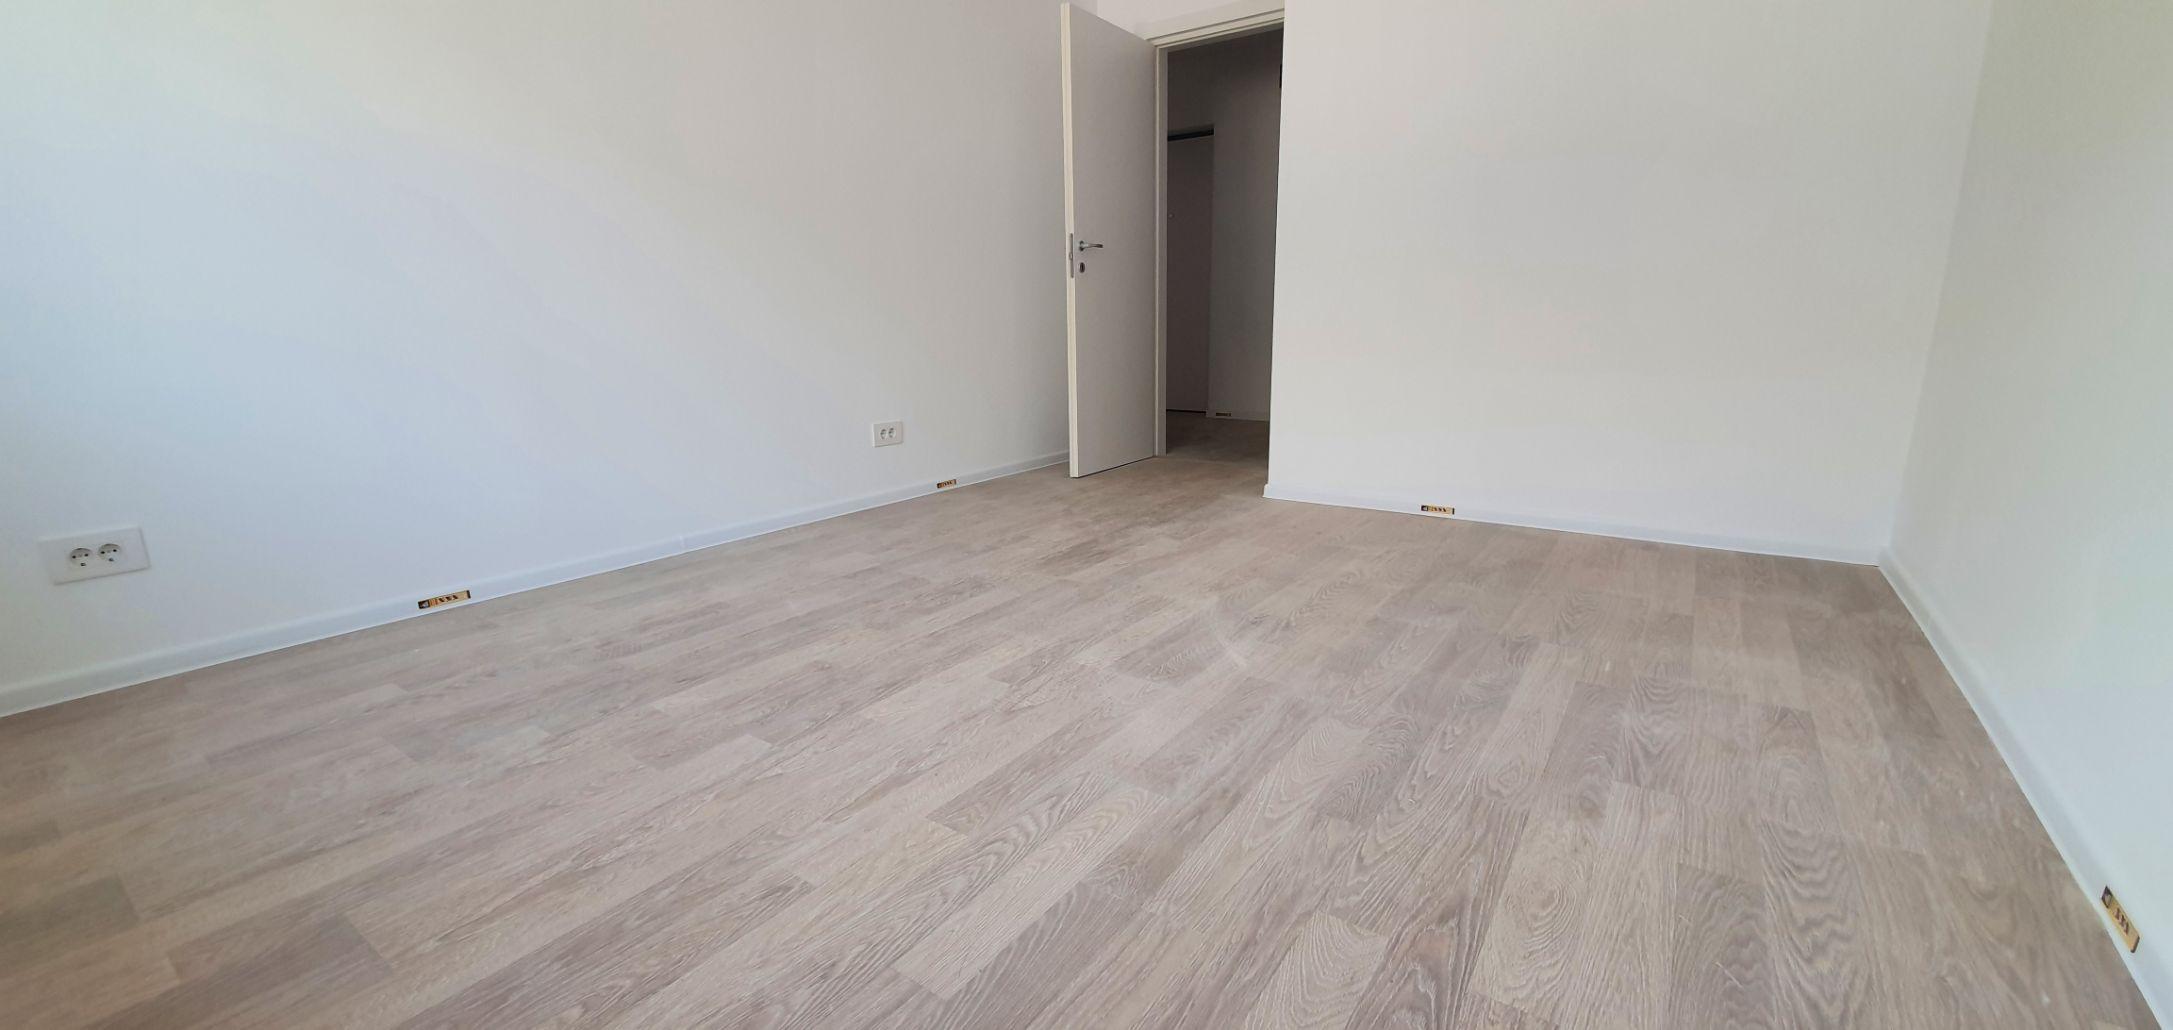 Bloc 1 - Etaj 2 - Apartament 15 - Dormitor